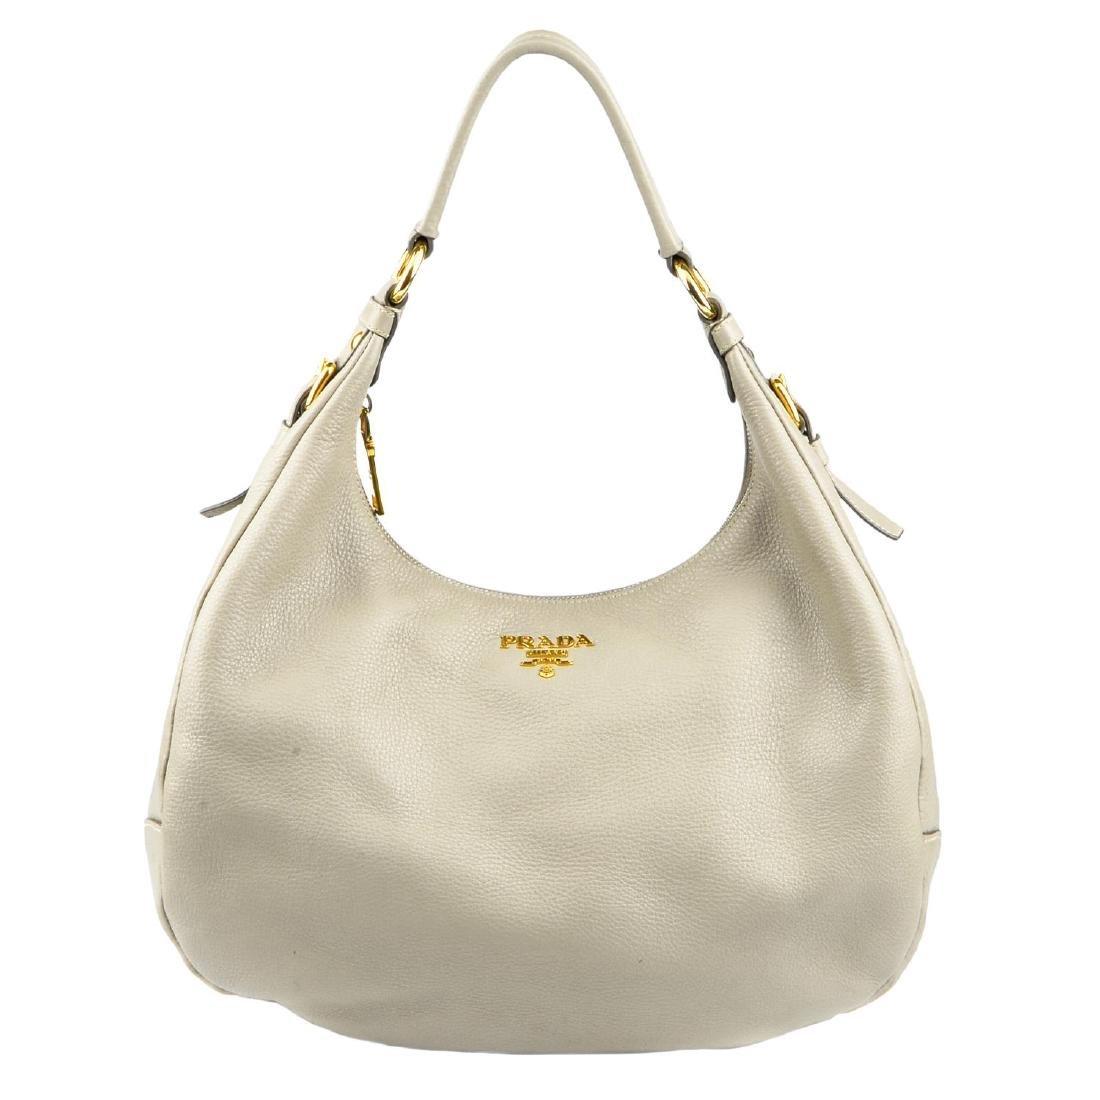 PRADA - a grey leather hobo handbag. Designed with a